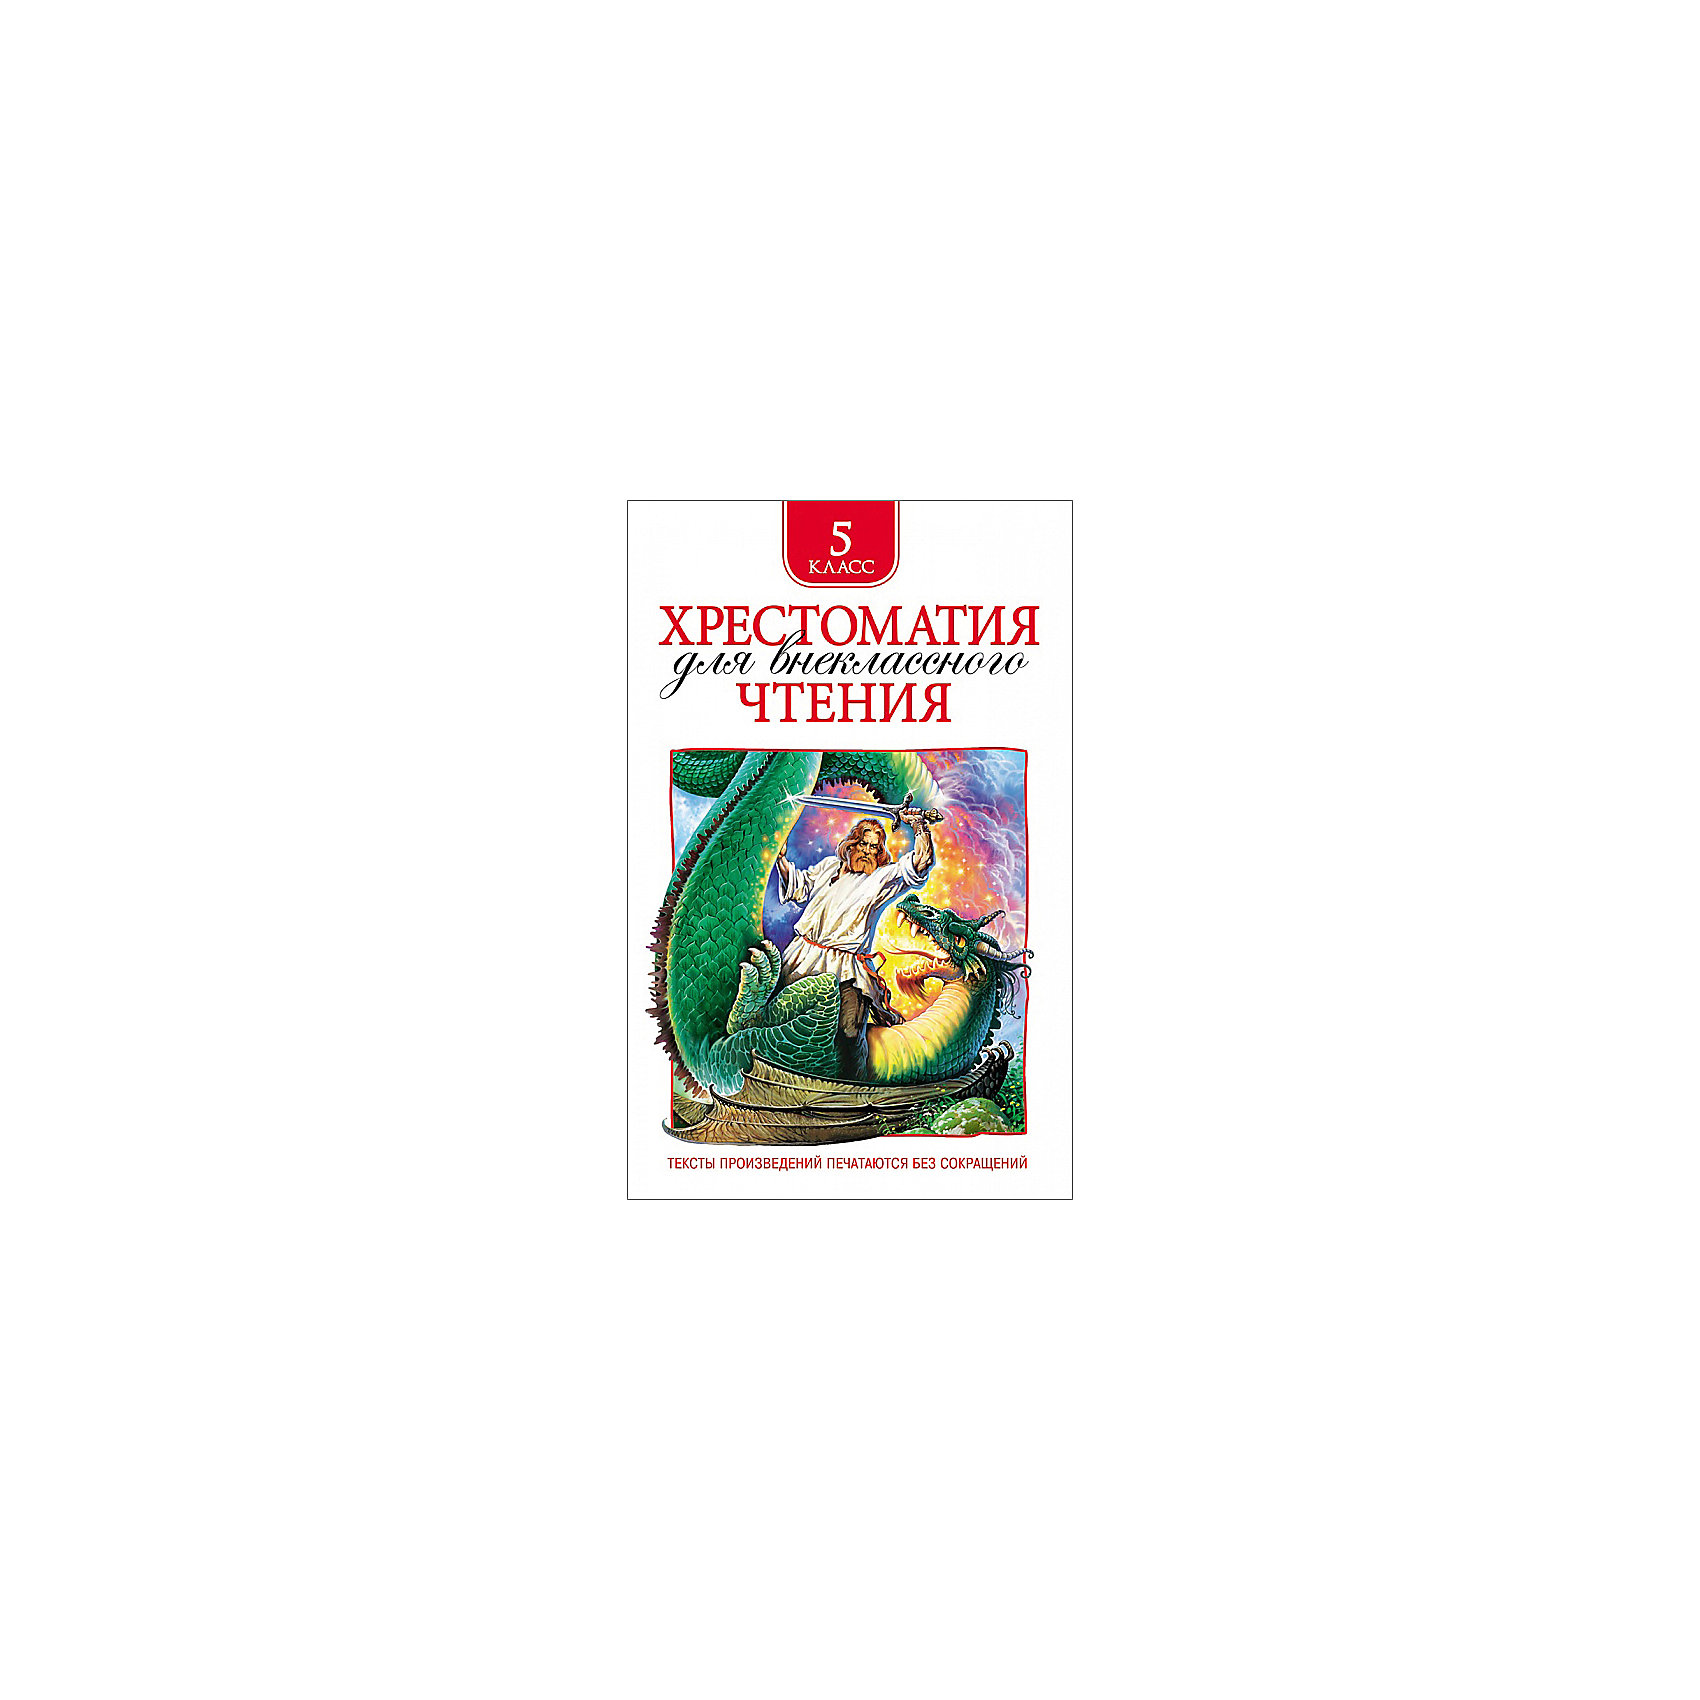 Росмэн Хрестоматия для внеклассного чтения 5 класс книгу для внеклассного чтения